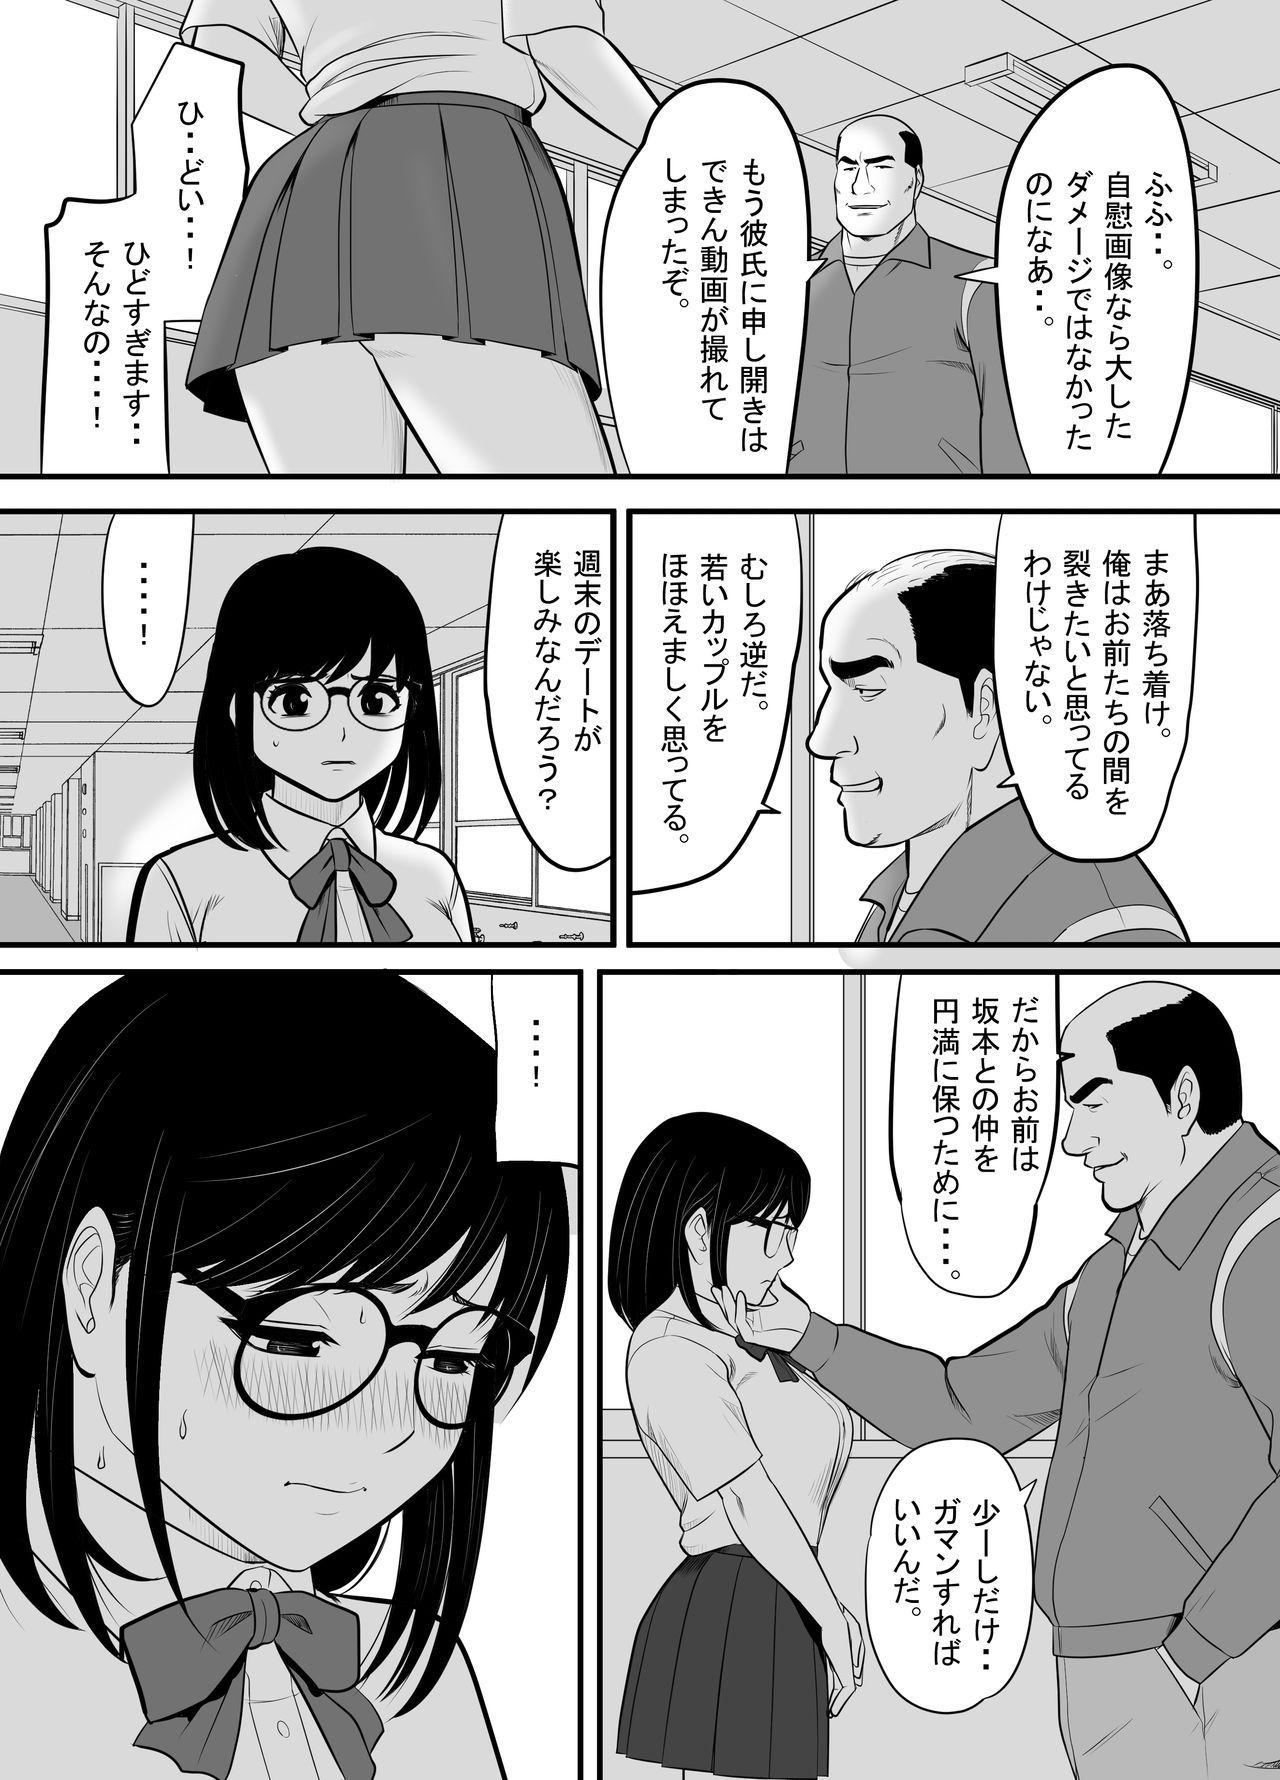 Namaiki na Danshi Seito ga Ita node Juujun na Kanojo o Kawari ni Otoshite yatta 30